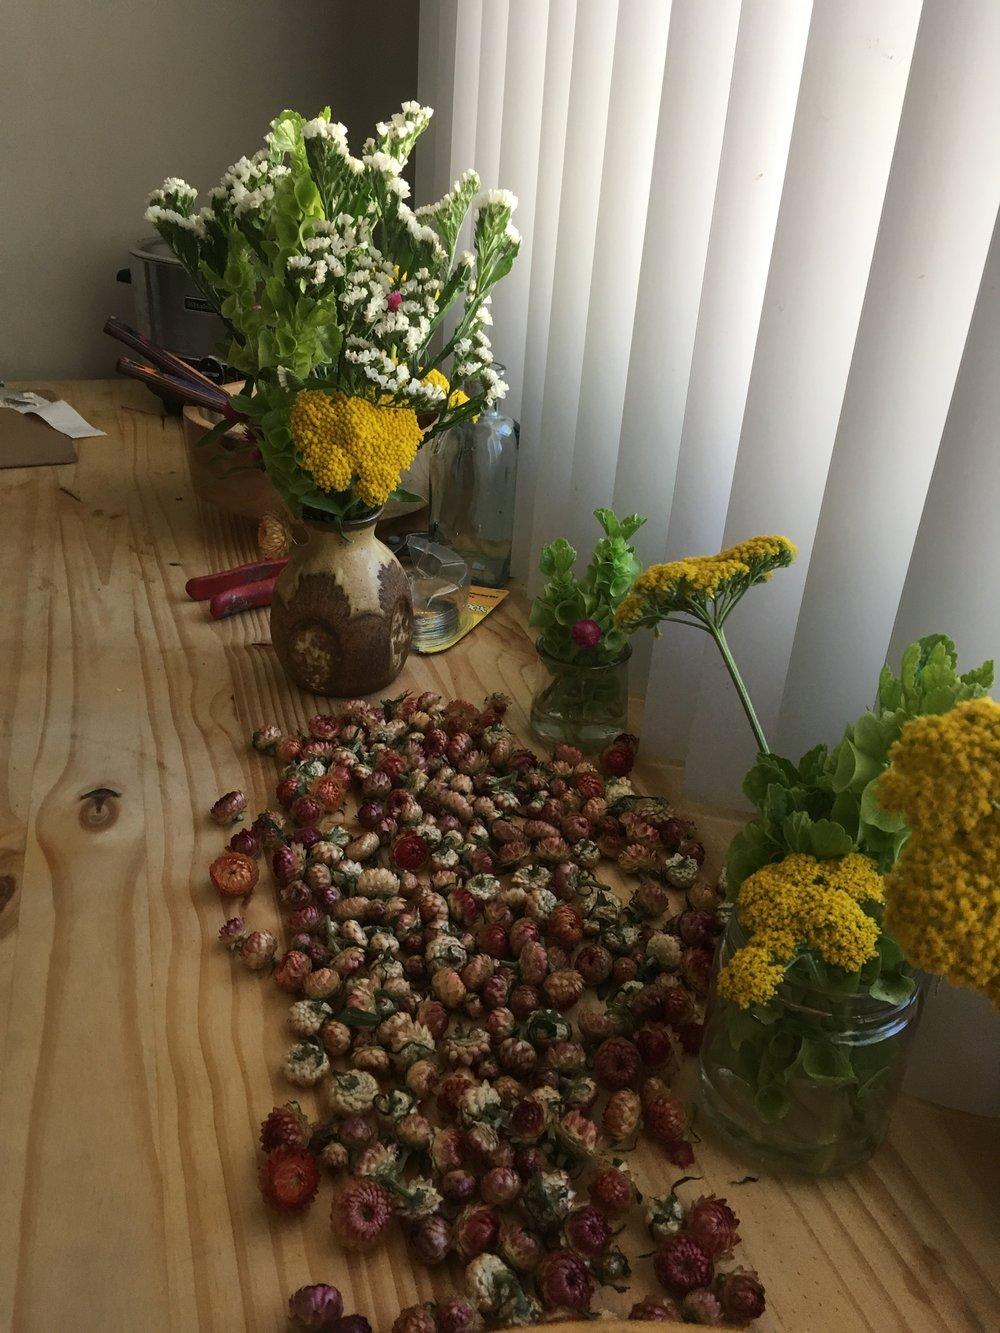 Strawflower, Yellow Yarrow, White Statice, and Bells of Ireland.